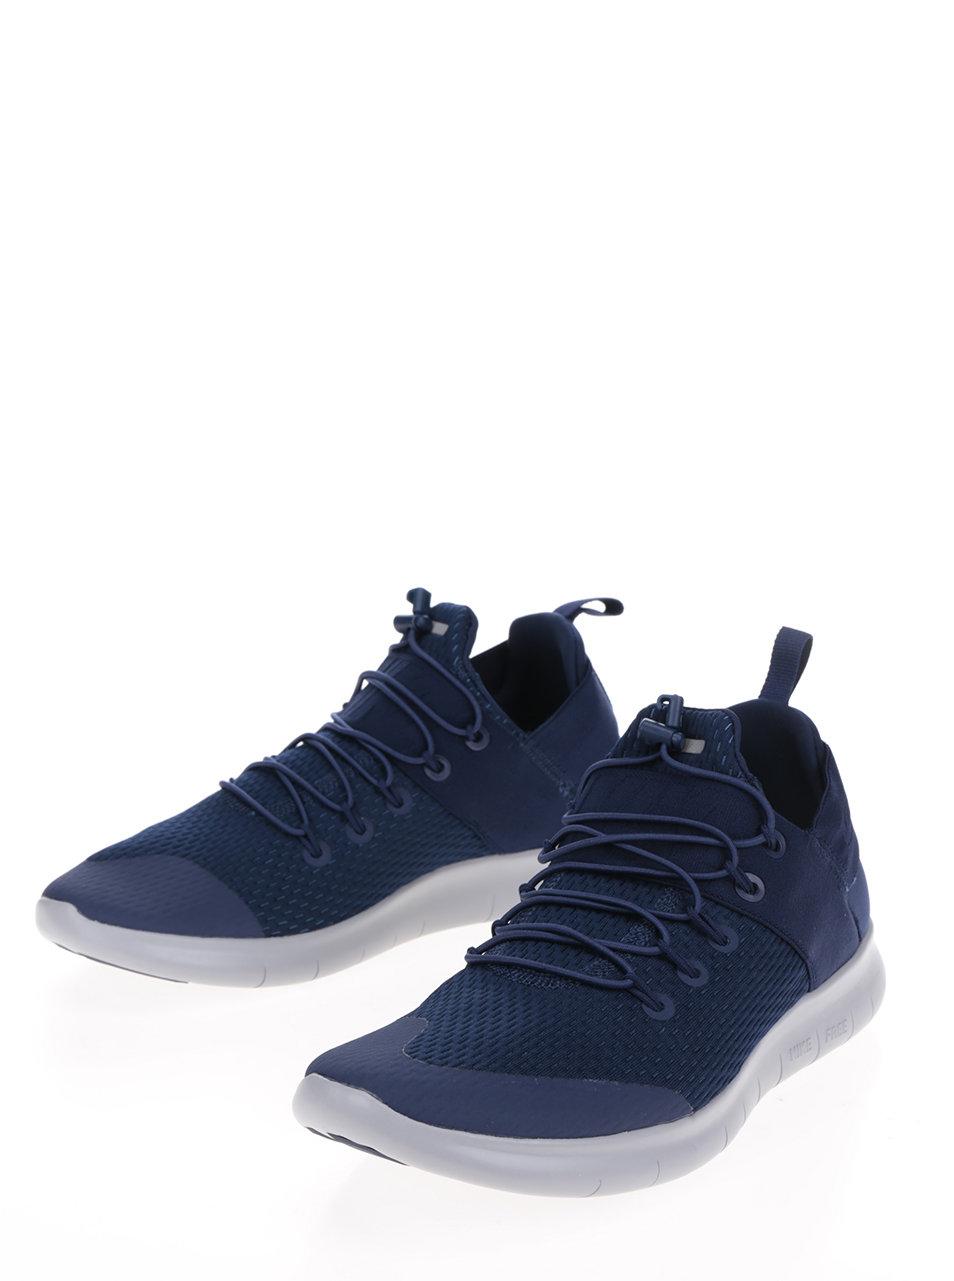 Modré pánske tenisky Nike Air Max ... 5e517b87e68